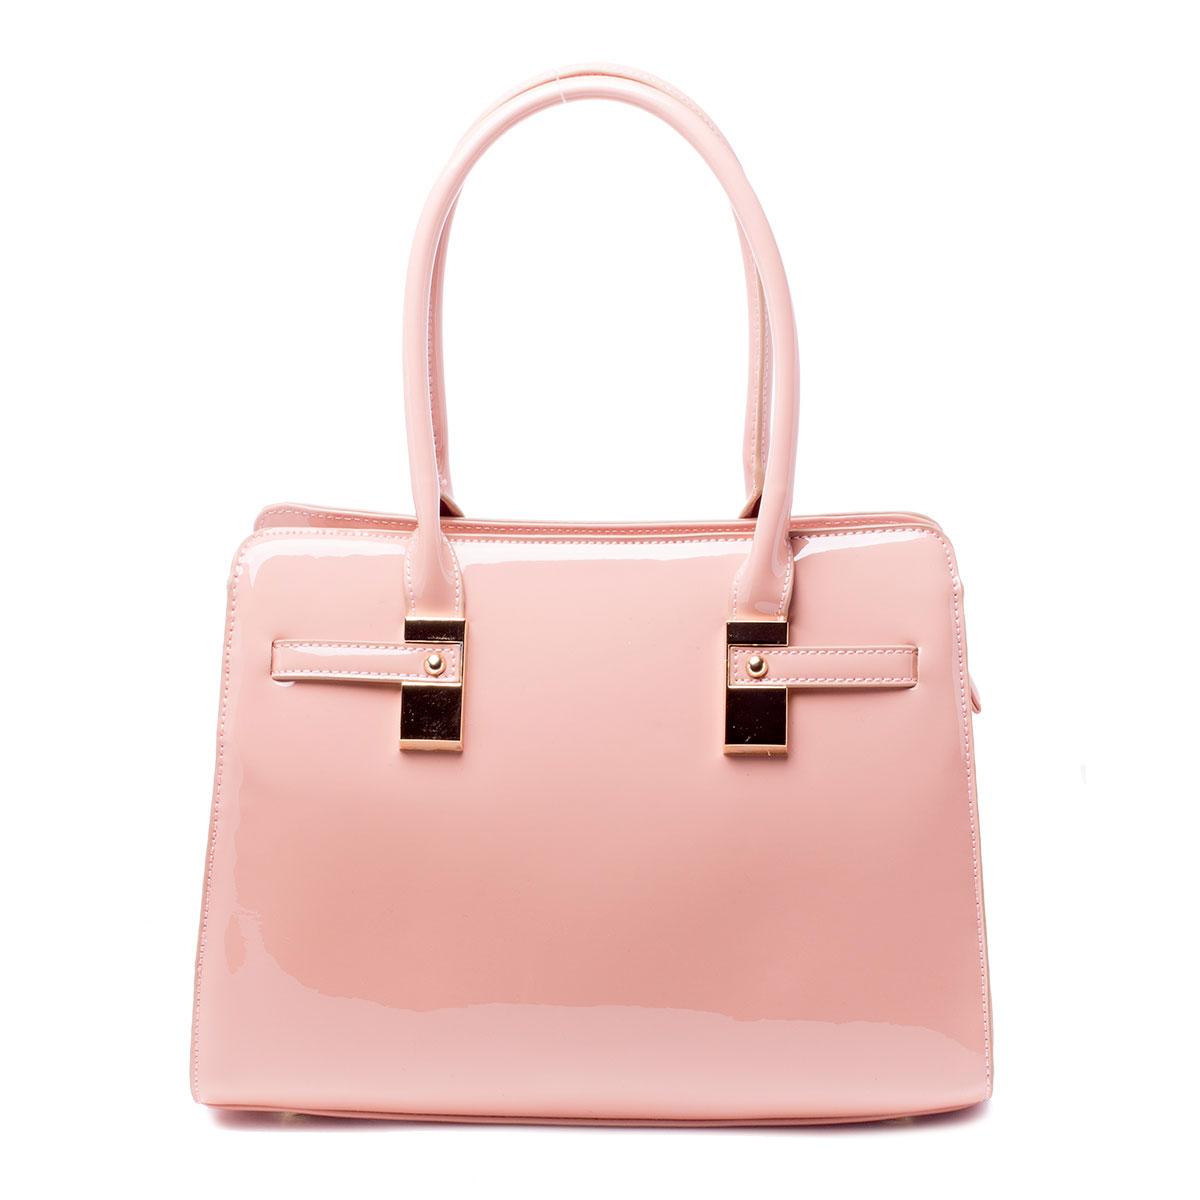 Сумка женская Baggini, цвет: розовый. 35605/6335605/63Стильная женская сумка Baggini выполнена из искусственной кожи. Изделие содержит одно отделение и закрывается на застежку-молнию. Внутри расположены два накладных кармана, врезной карман на застежке-молнии и карман-средник на молнии. Задняя сторона сумки дополнена врезным карманом на молнии. Сумка оснащена двумя удобными ручками средней высоты. Дно сумки дополнено металлическими ножками.